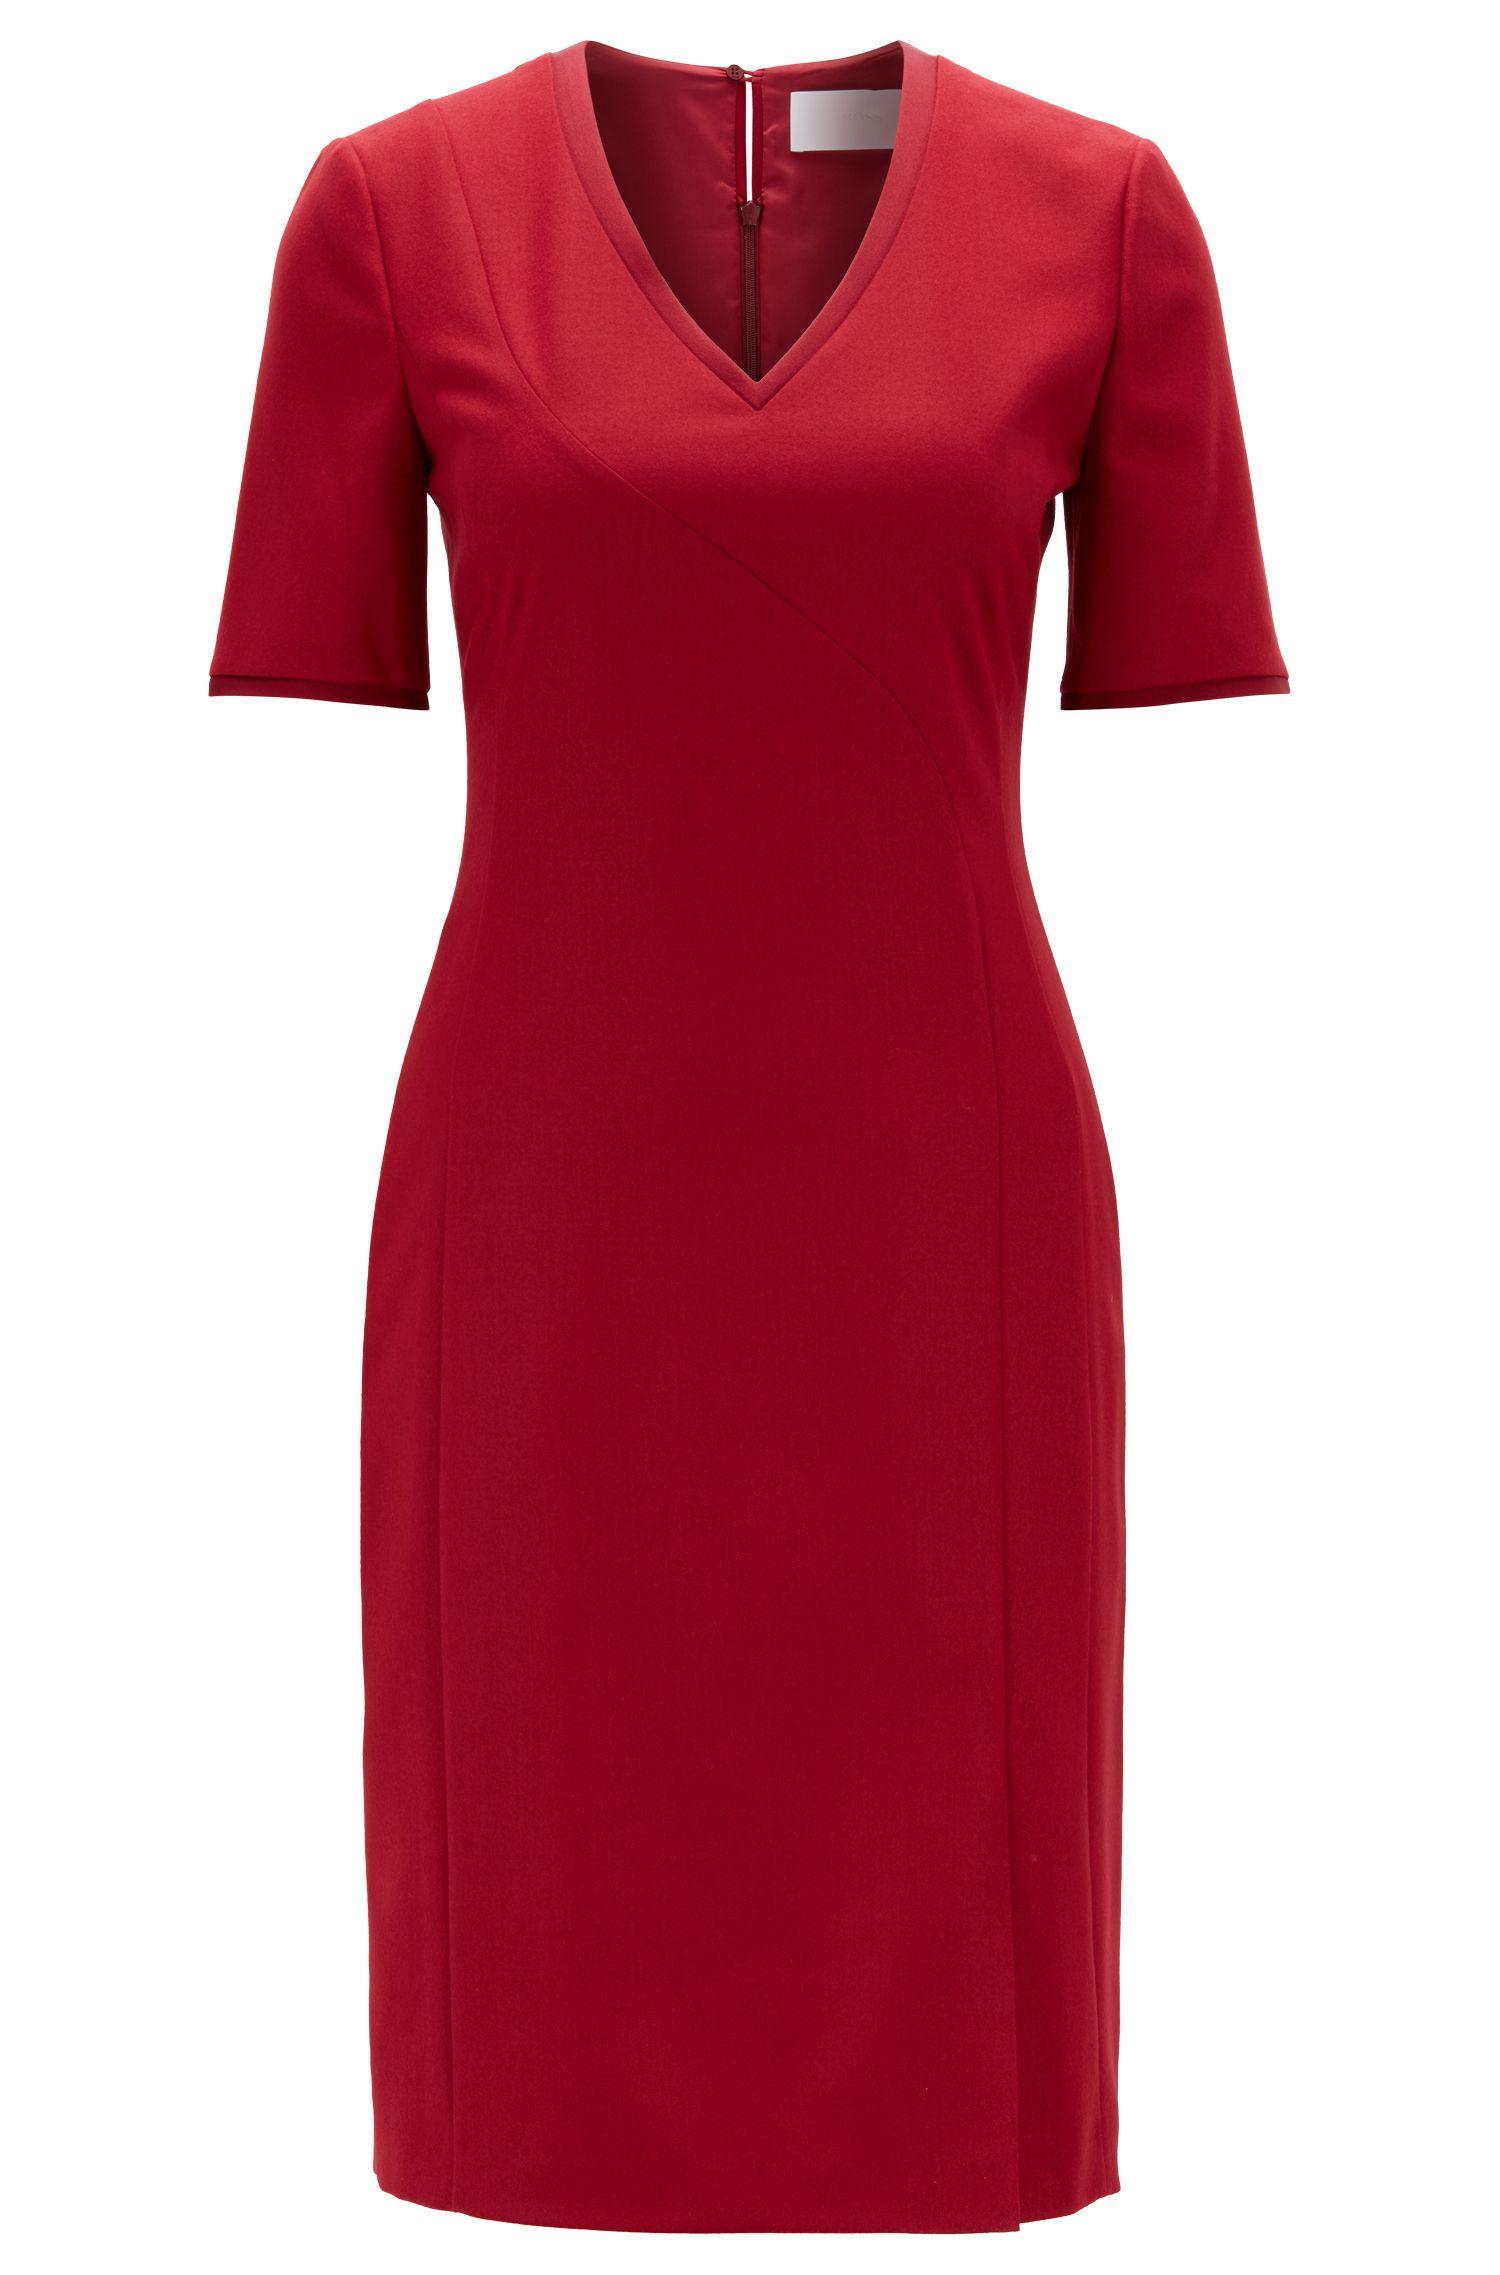 Kurzarm-Kleid aus elastischer Schurwolle mit V-Ausschnitt, Dunkelrot